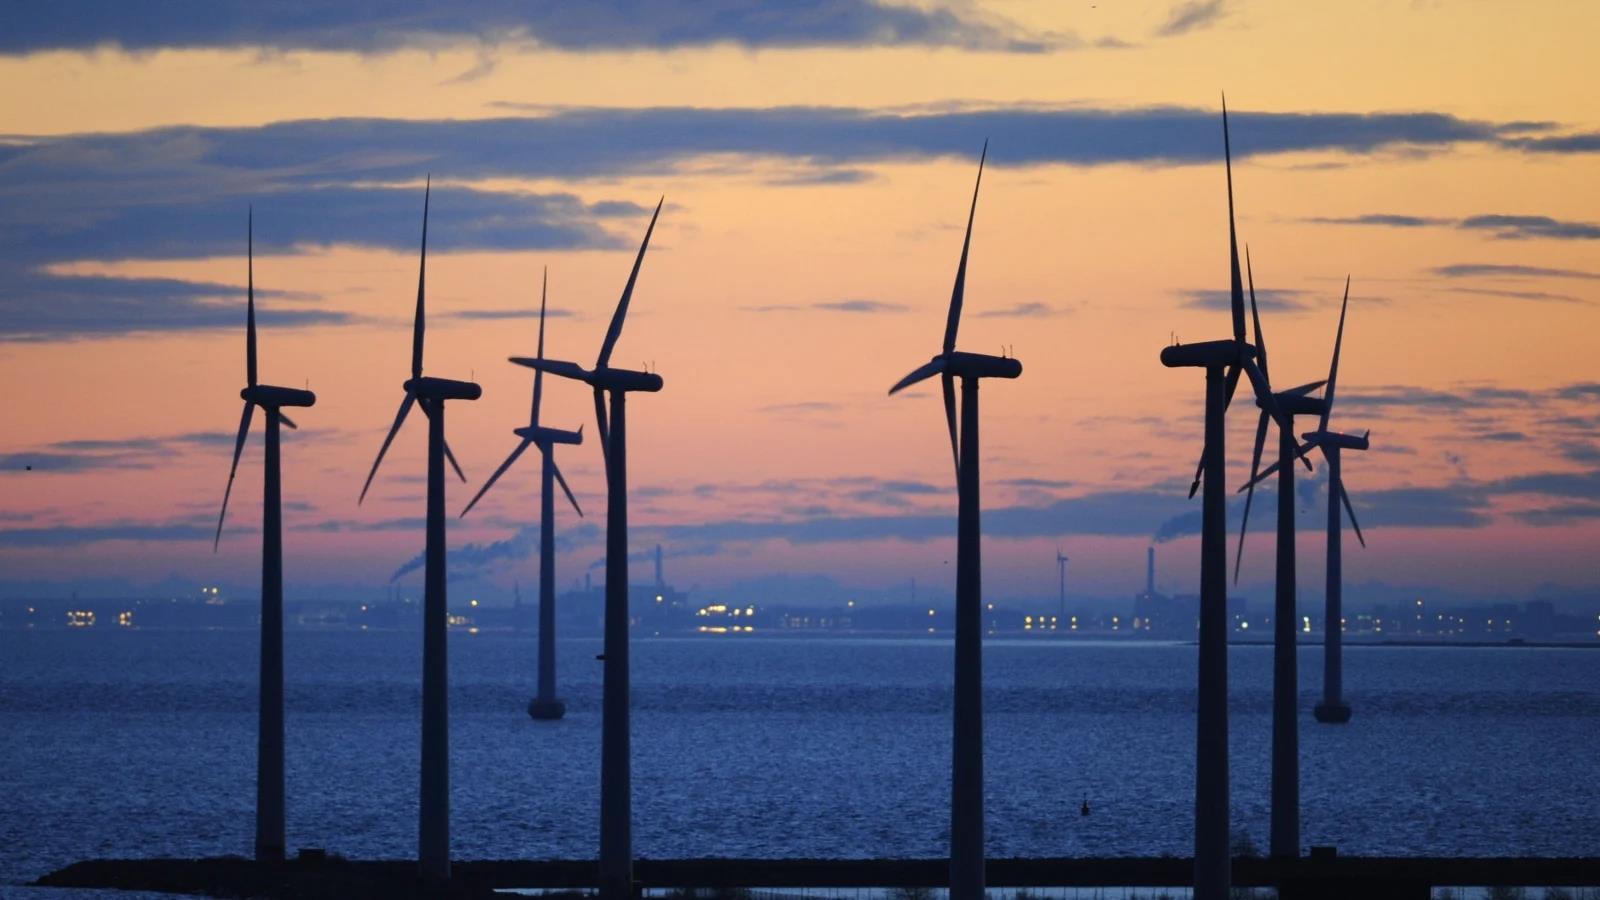 2019年丹麦风电创新纪录 占近半电力供应